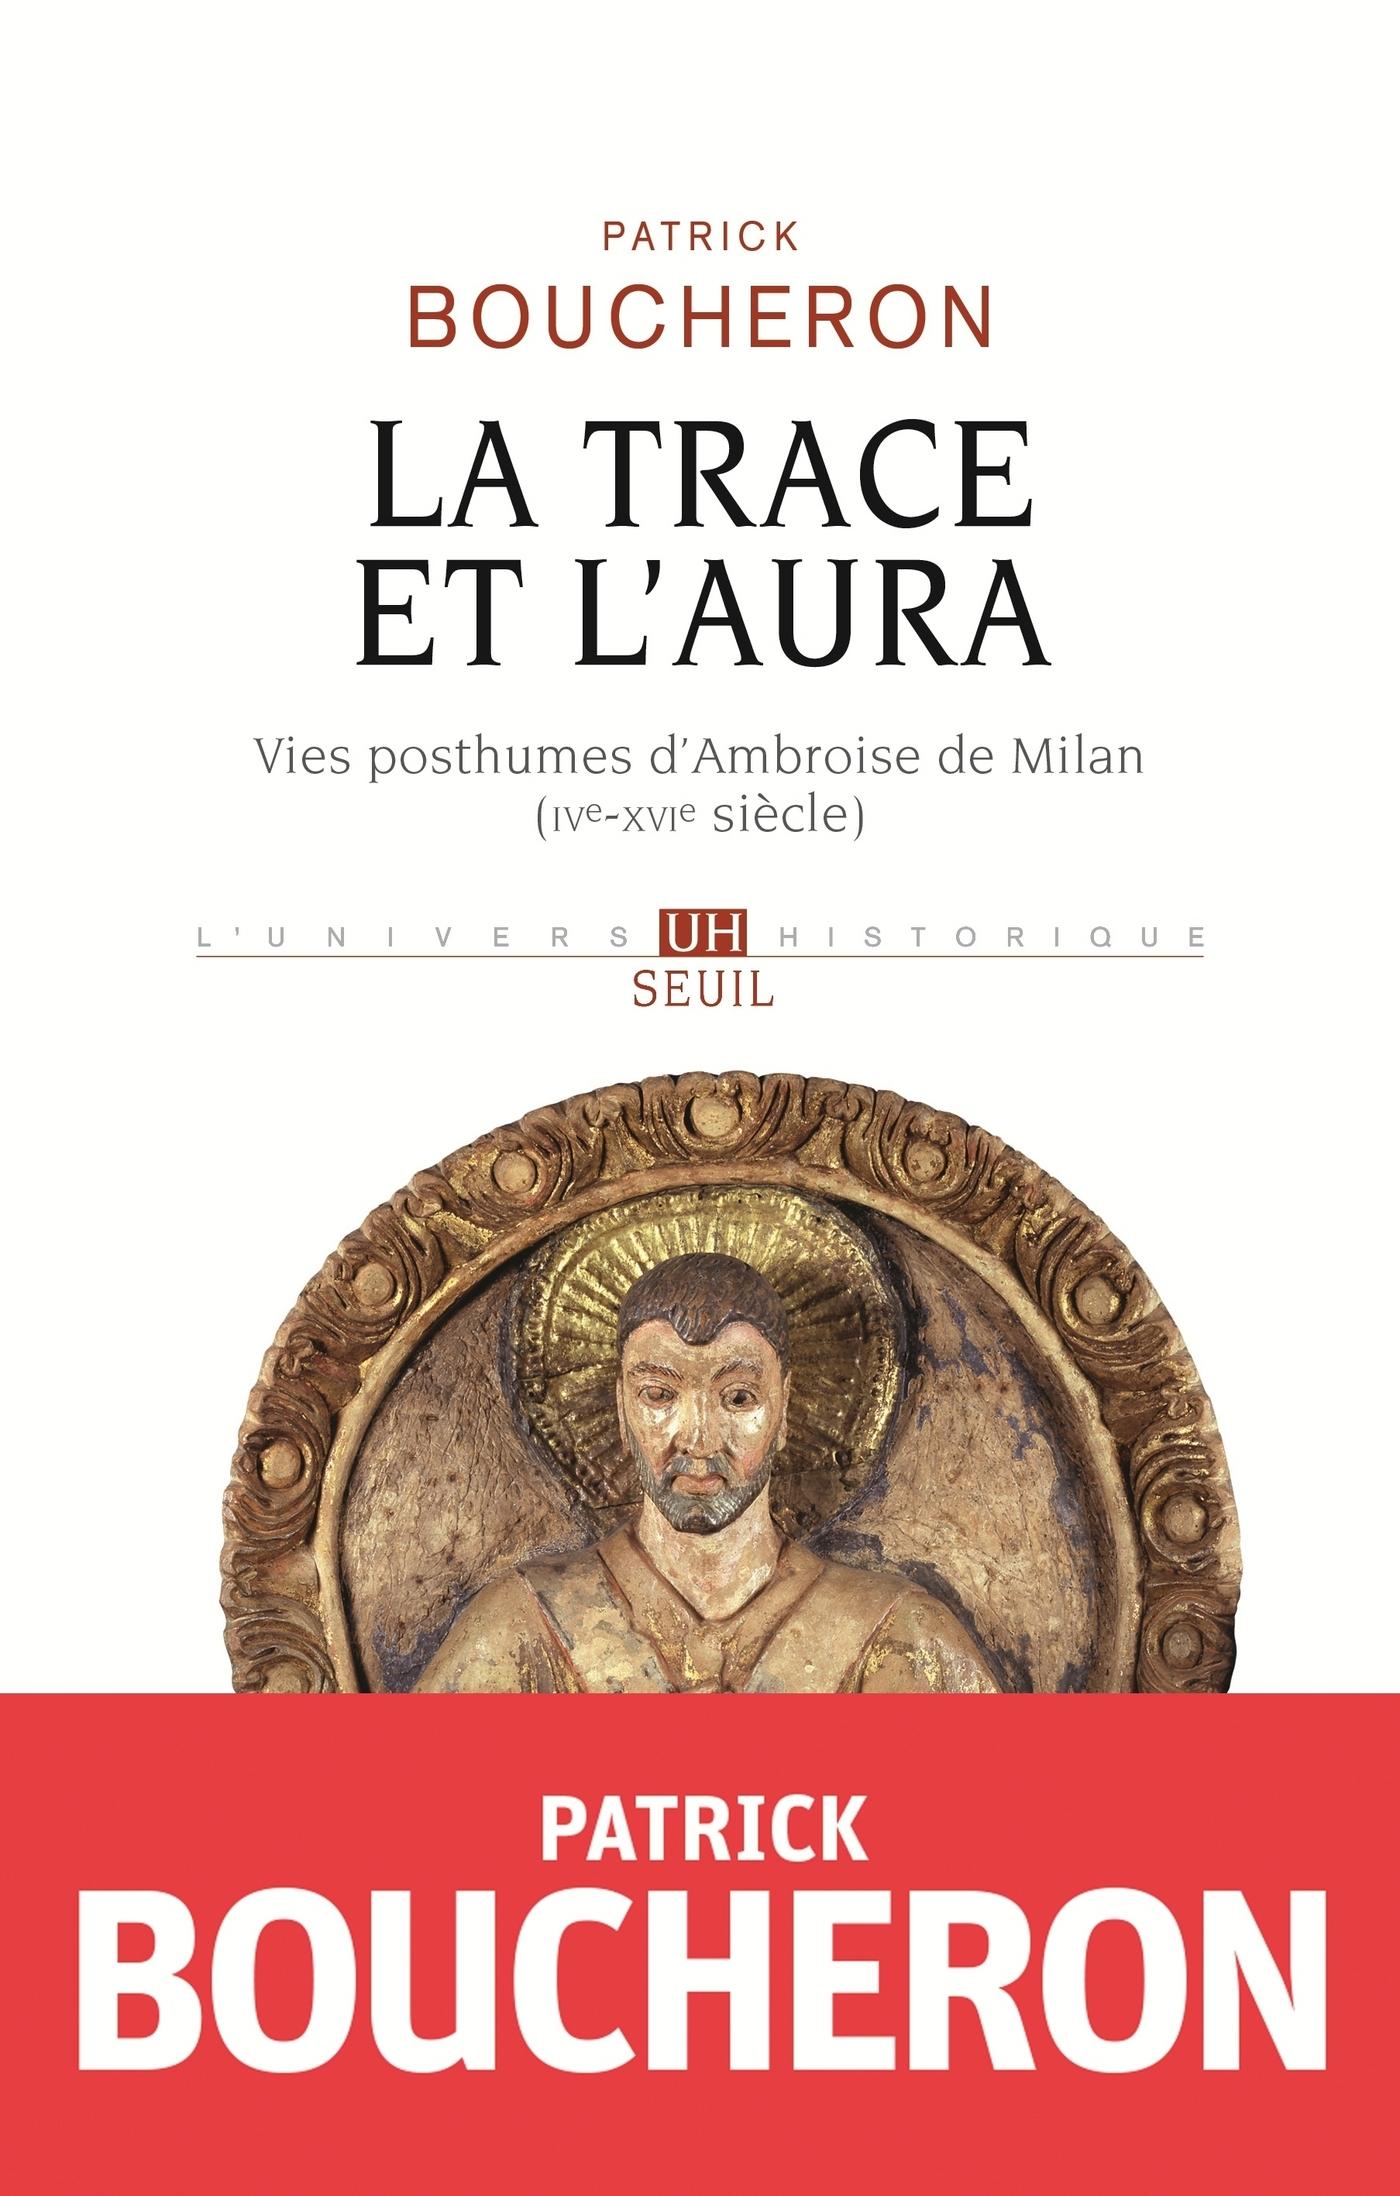 La Trace et l'aura - Vies p...